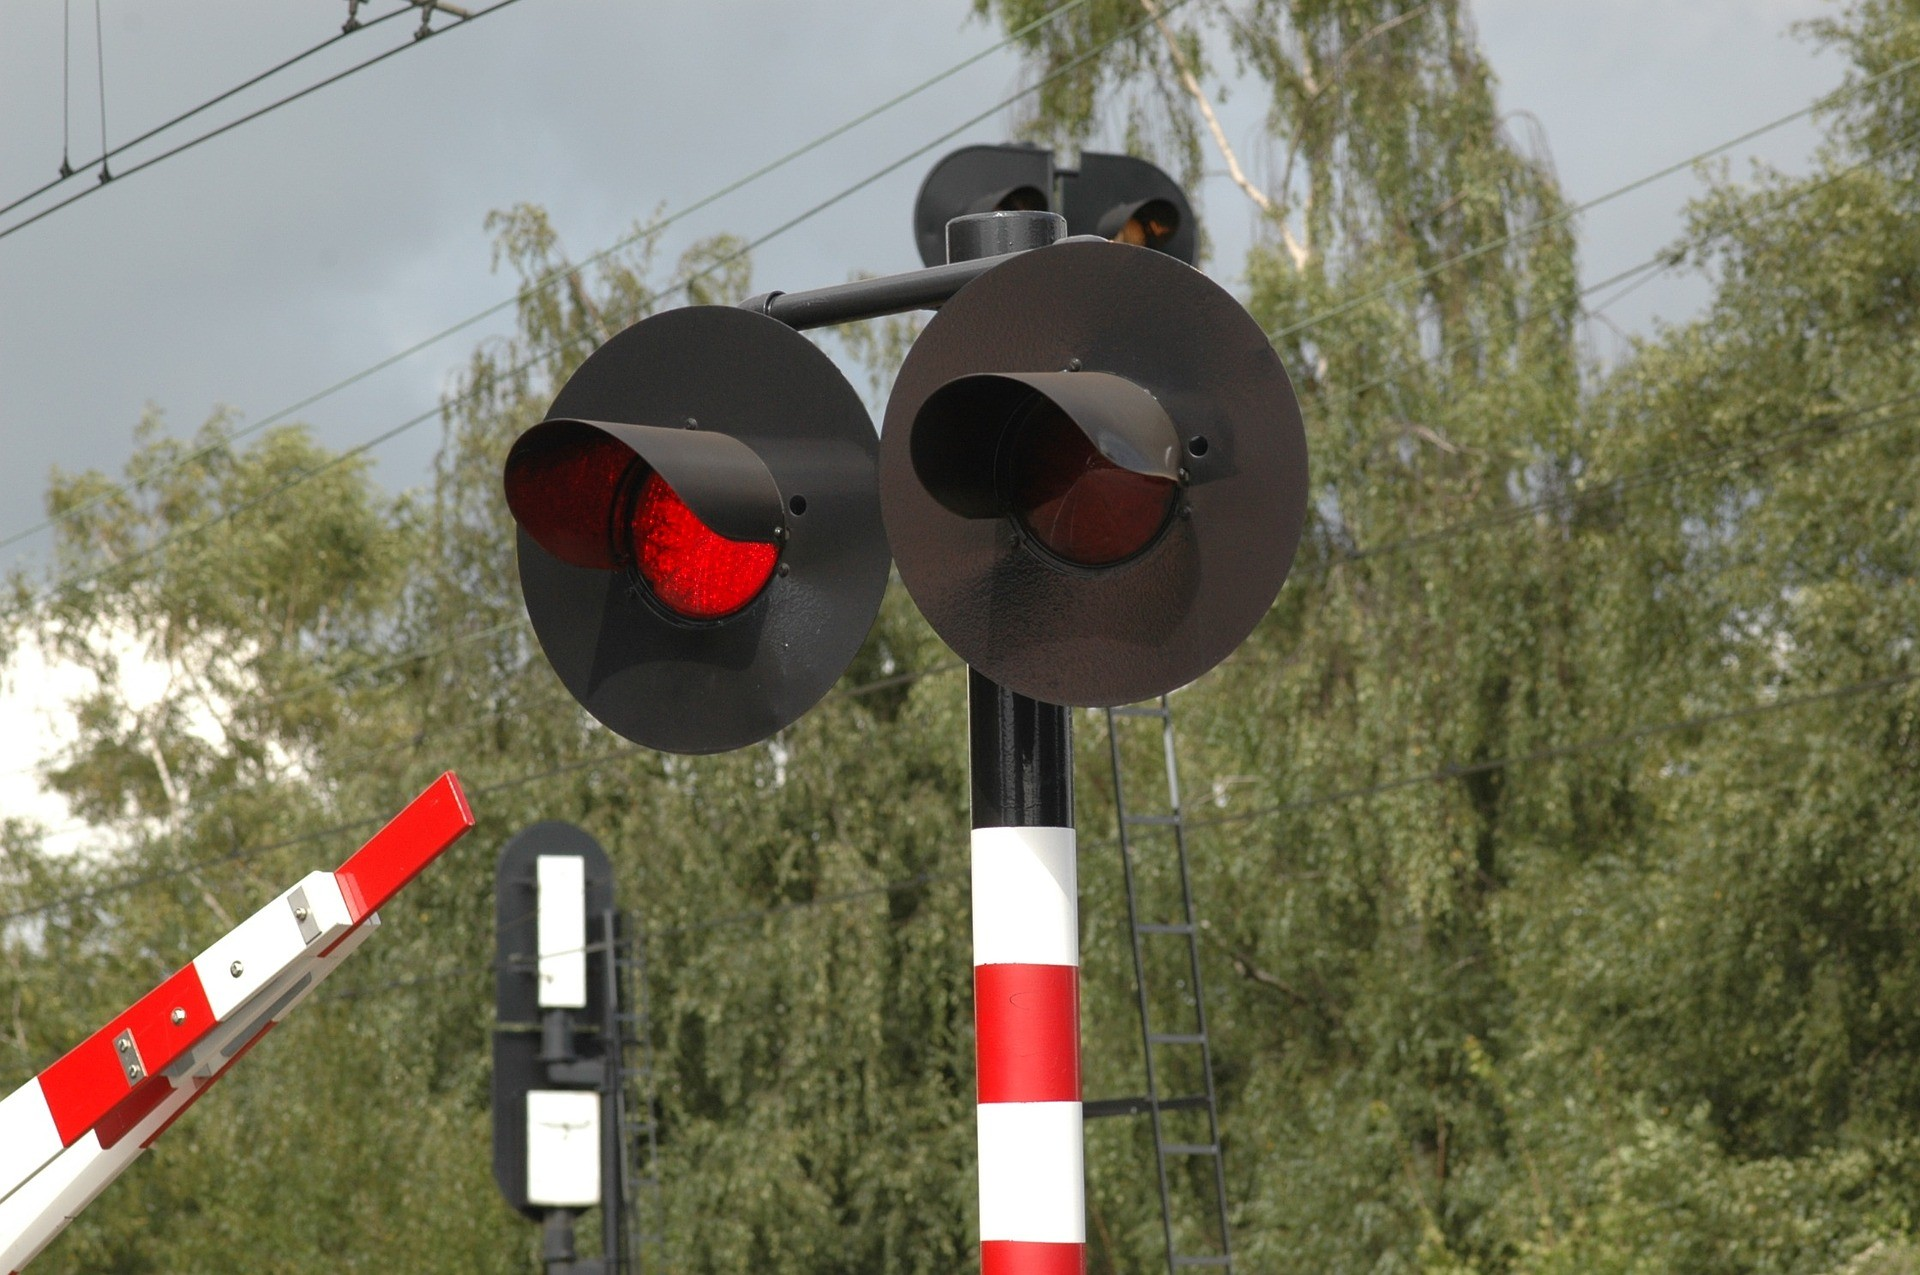 平交道摔車!火車「30cm近距擦過」女奇蹟輕傷 太子爺指點:看不見的家人在保護妳